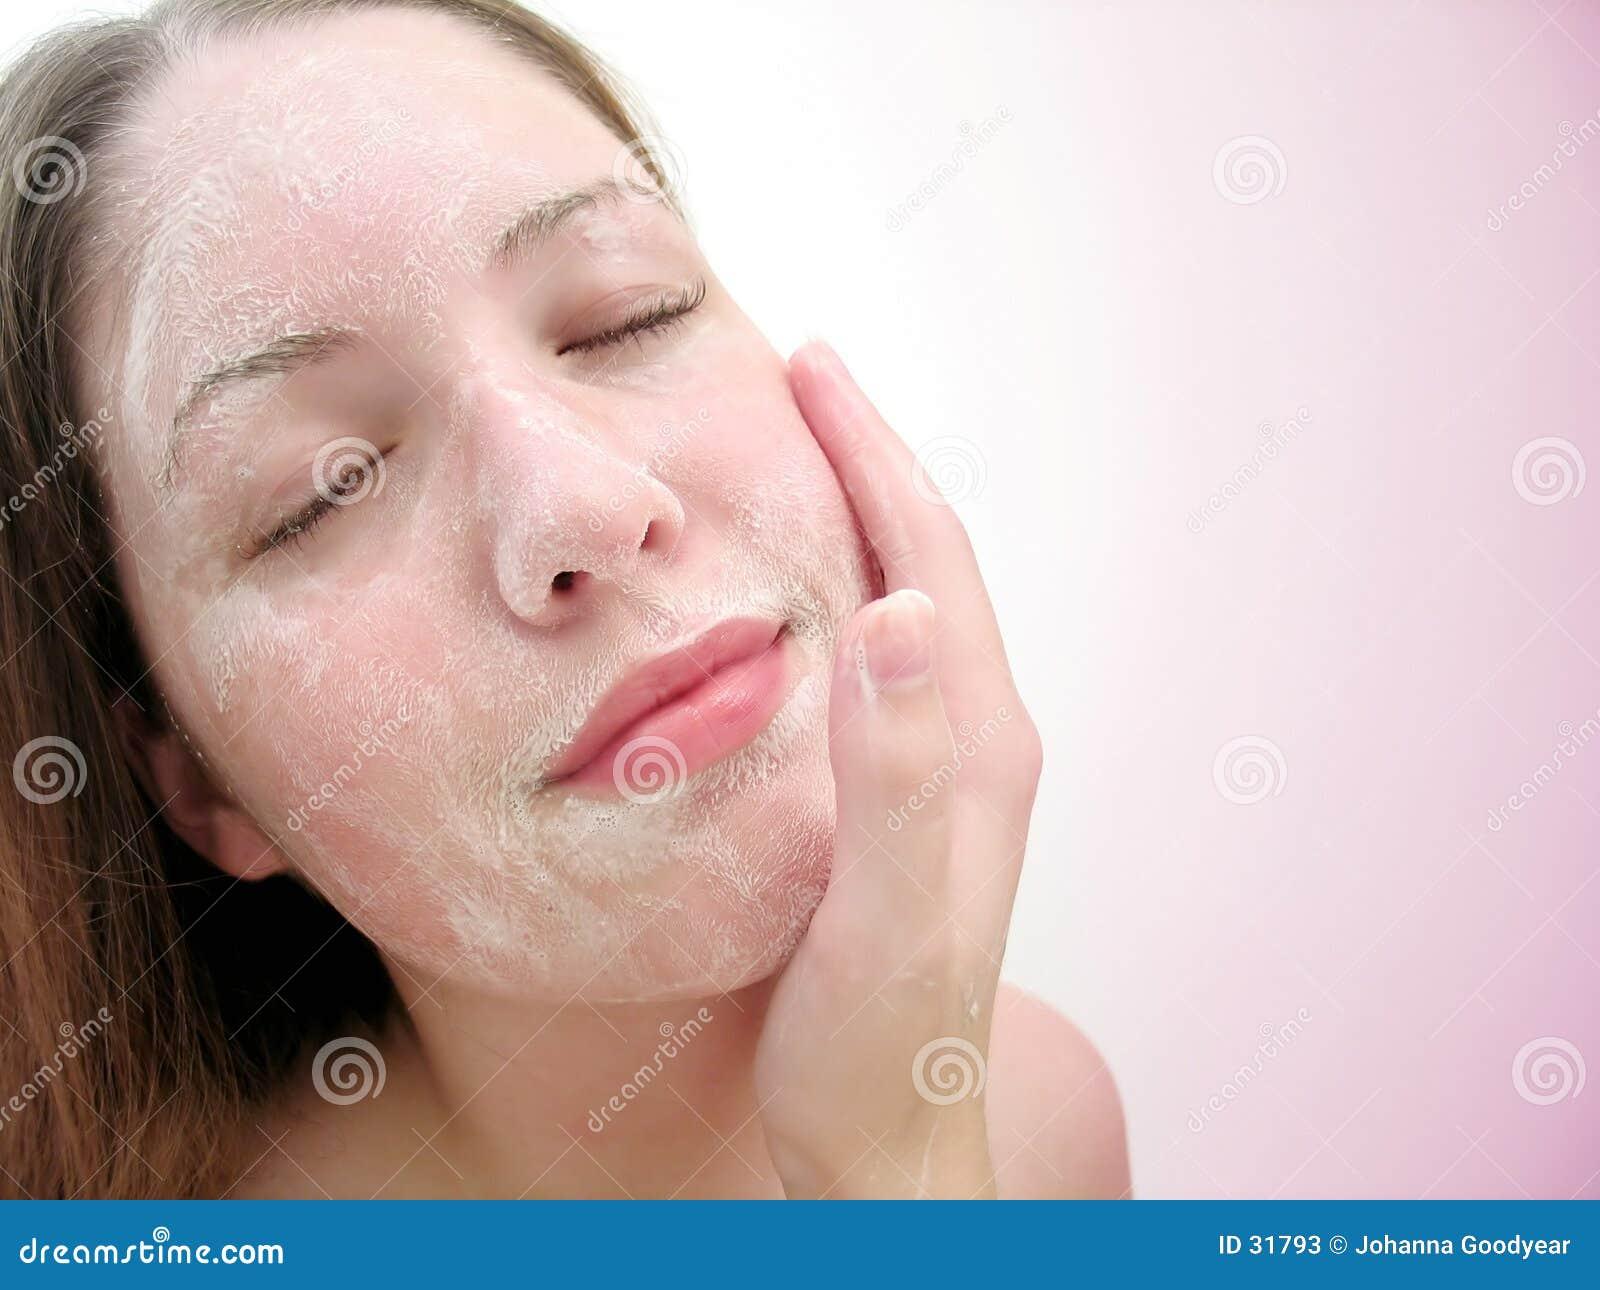 Facial Wash 2